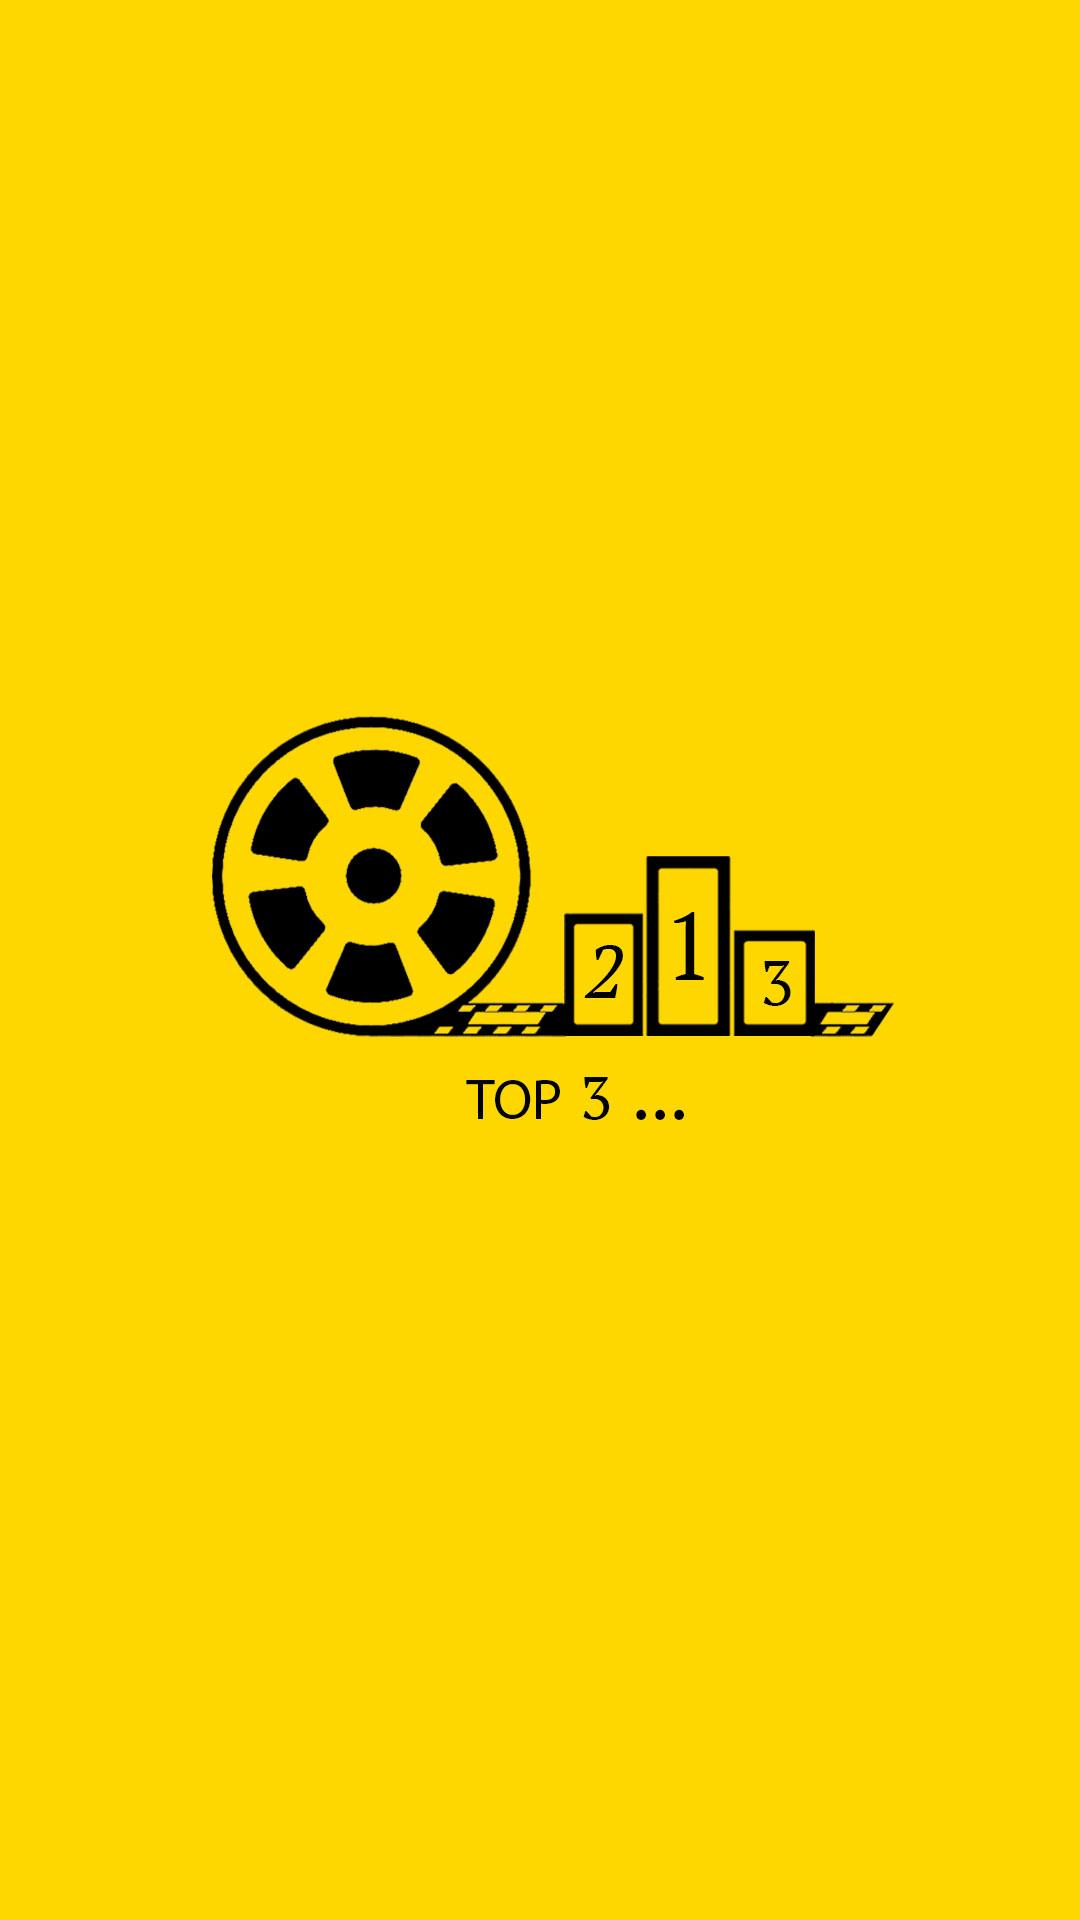 Top 3 ...